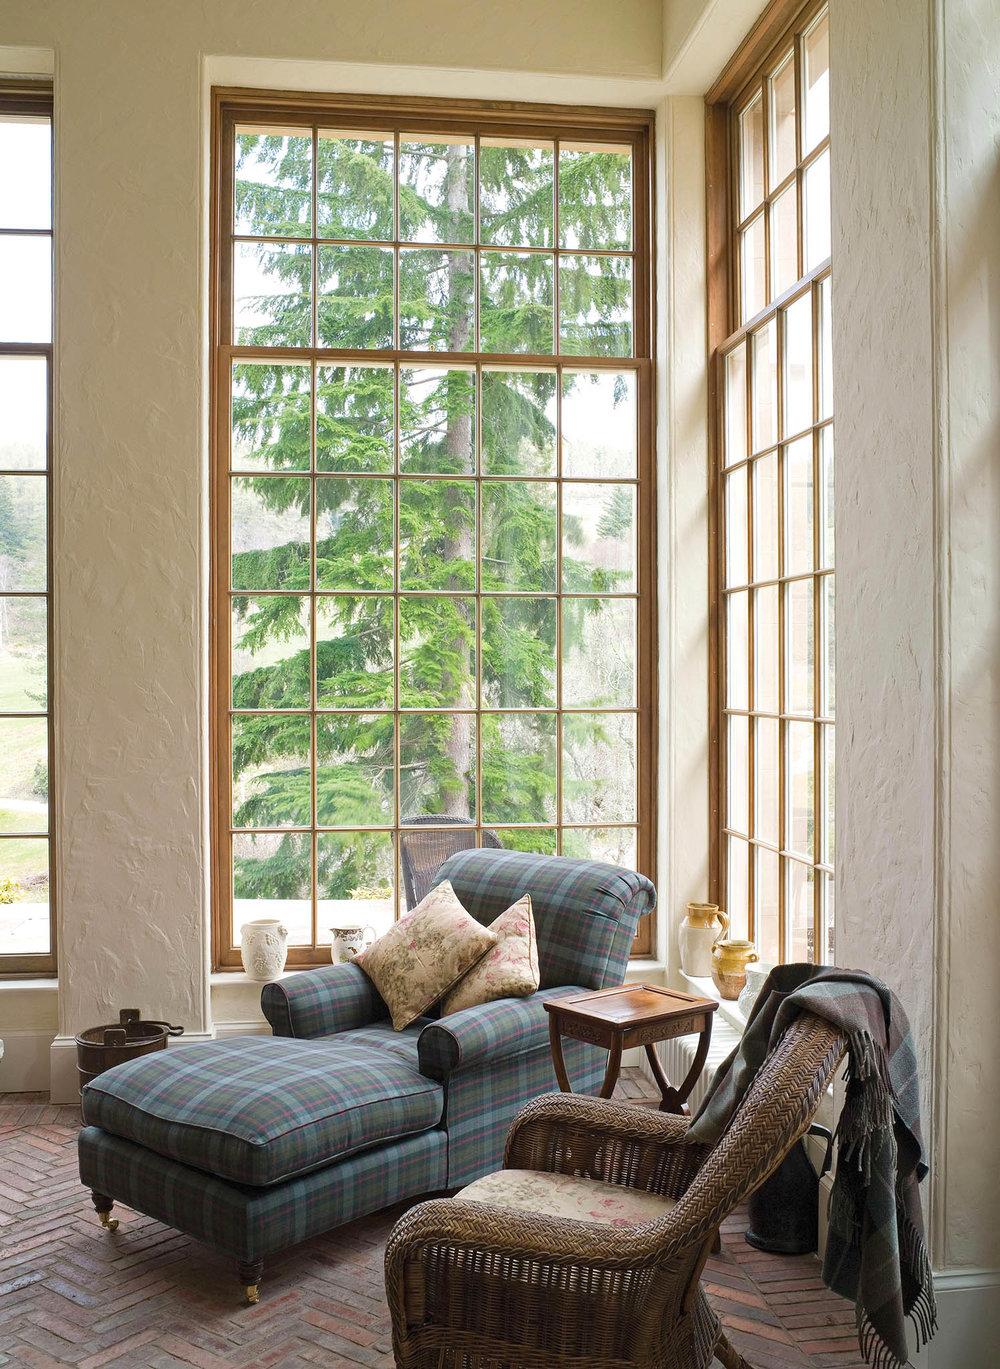 蘇格蘭的名門望族都有自己專屬的傳統方格圖案,如秘密花園室中的沙發上圖案一樣。